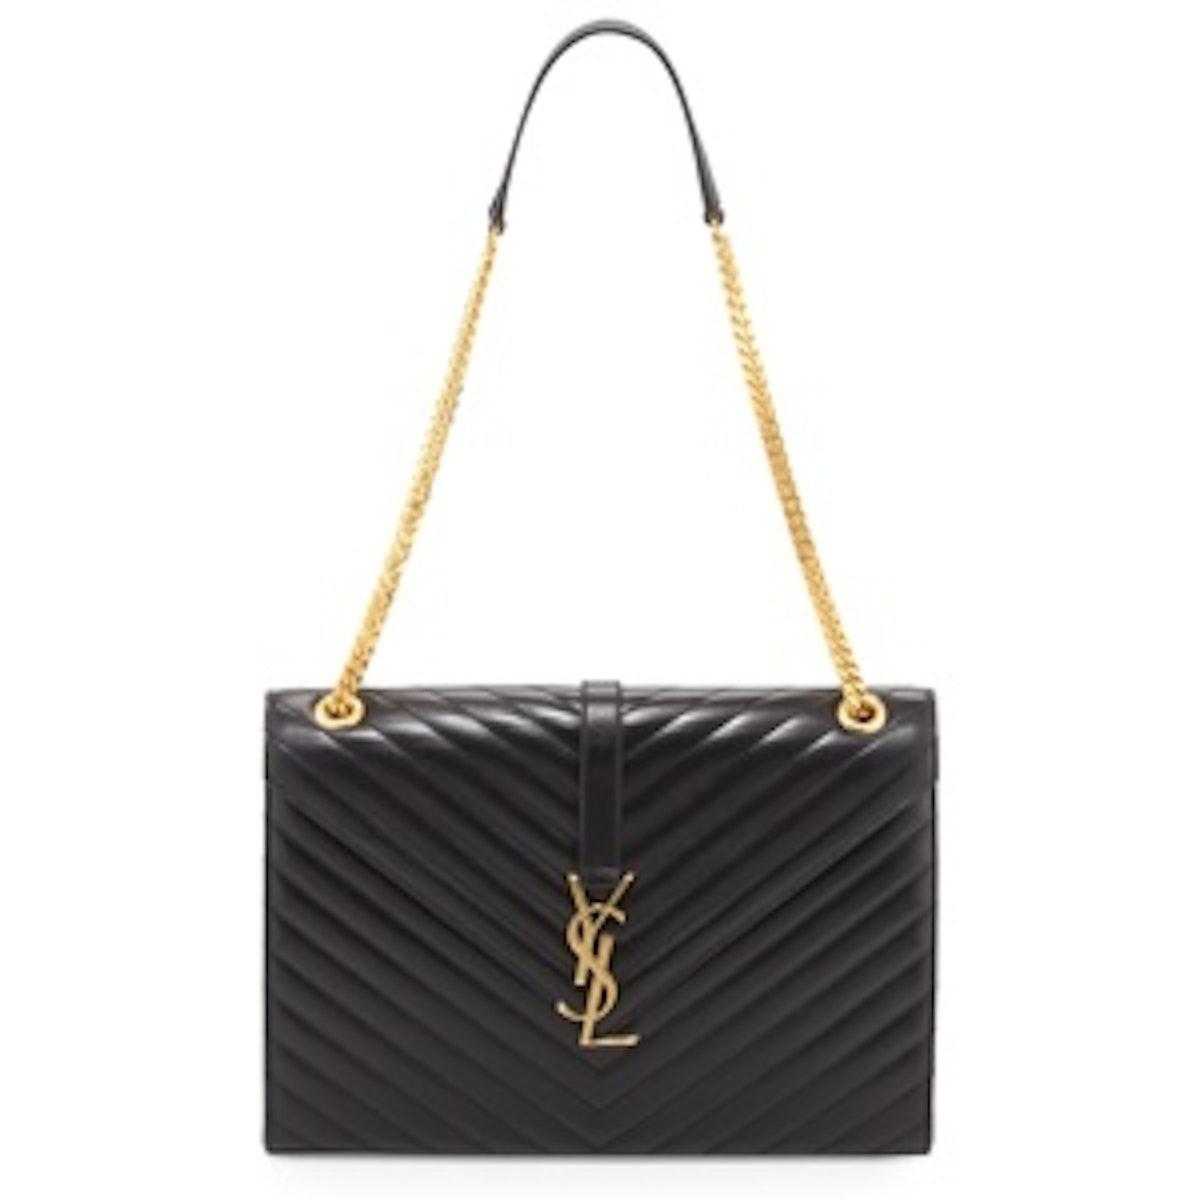 Chain-Strap Shoulder Bag